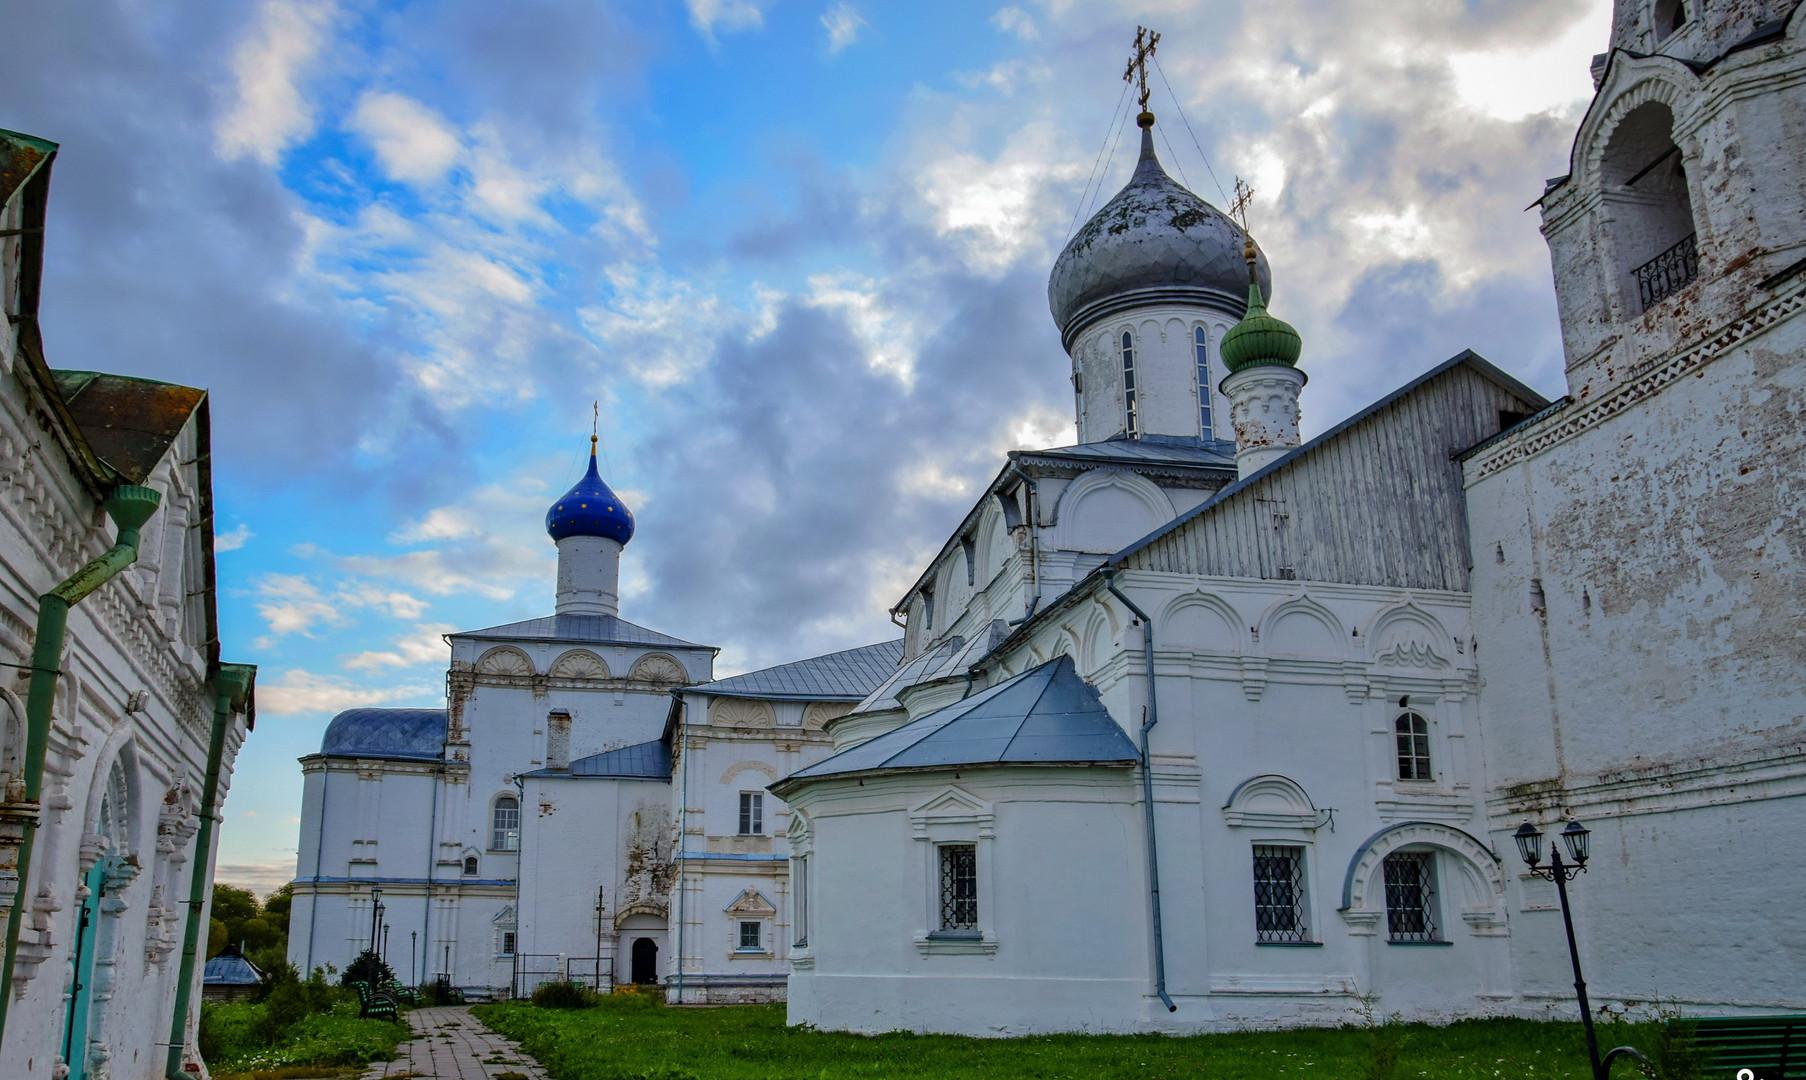 Троицкий Данилов монастырь, Переславль-Залесский